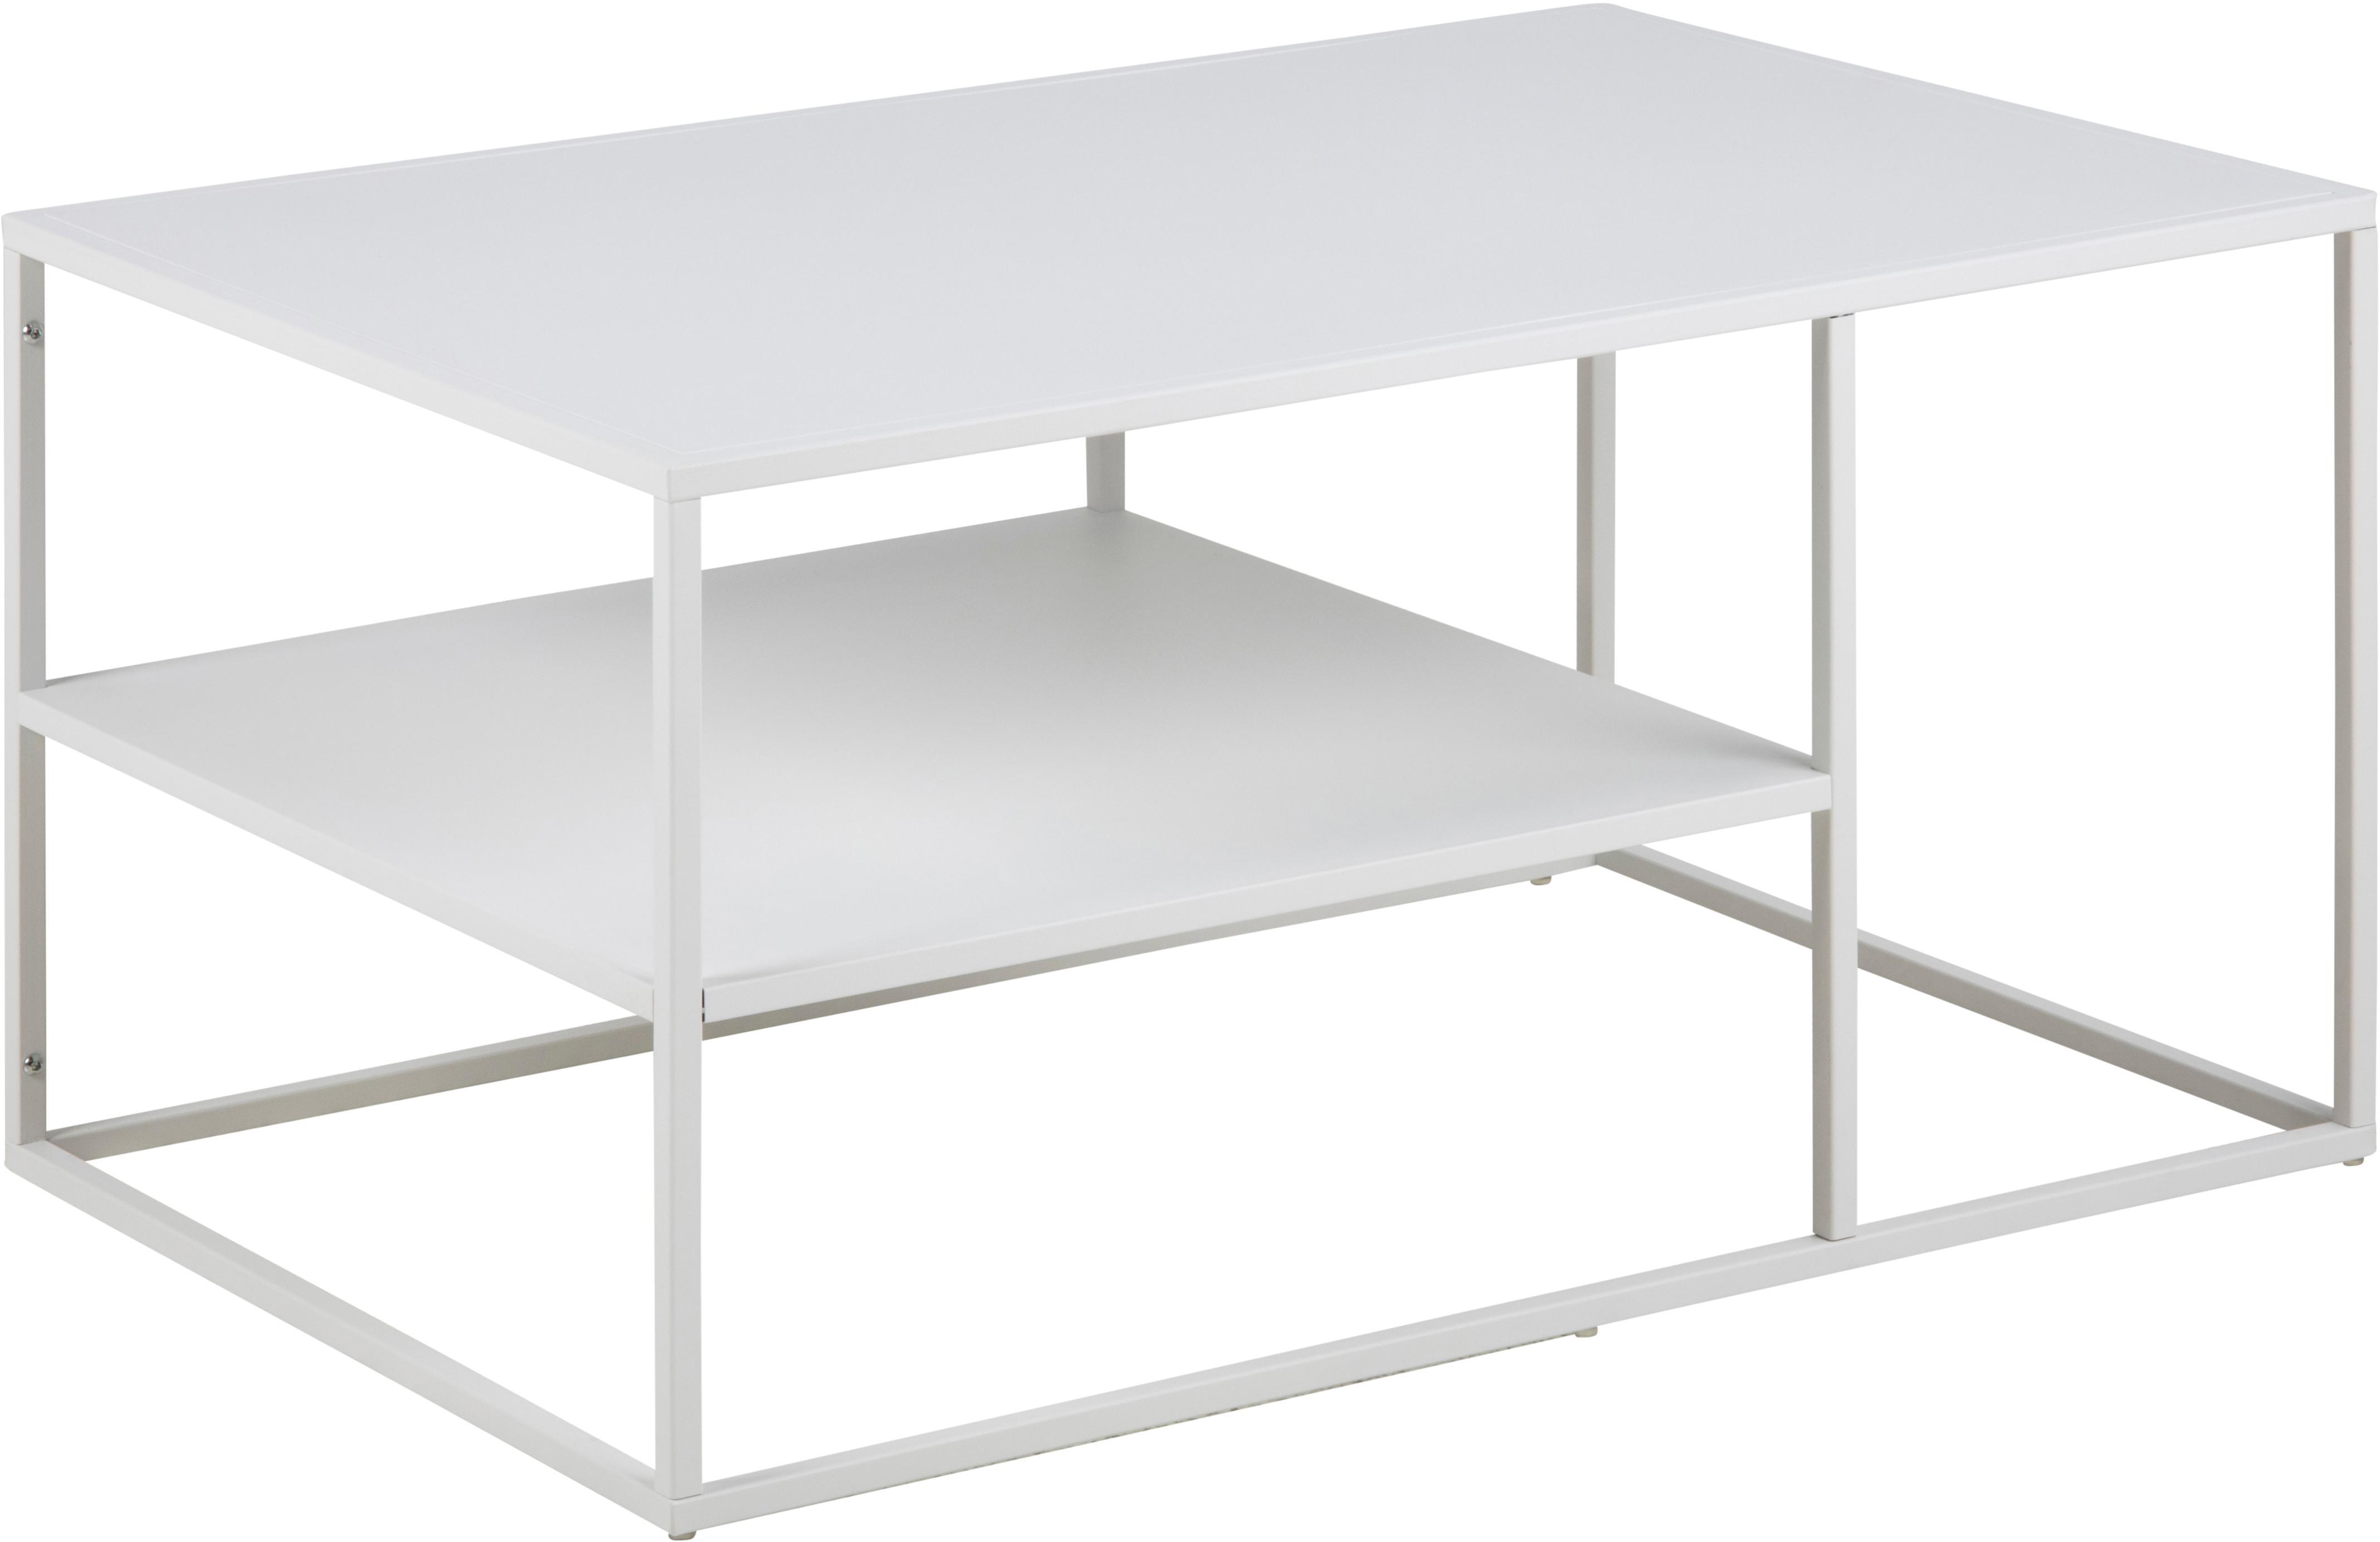 Metall-Couchtisch Newton in Weiß, Metall, pulverbeschichtet, Weiß, 90 x 45 cm